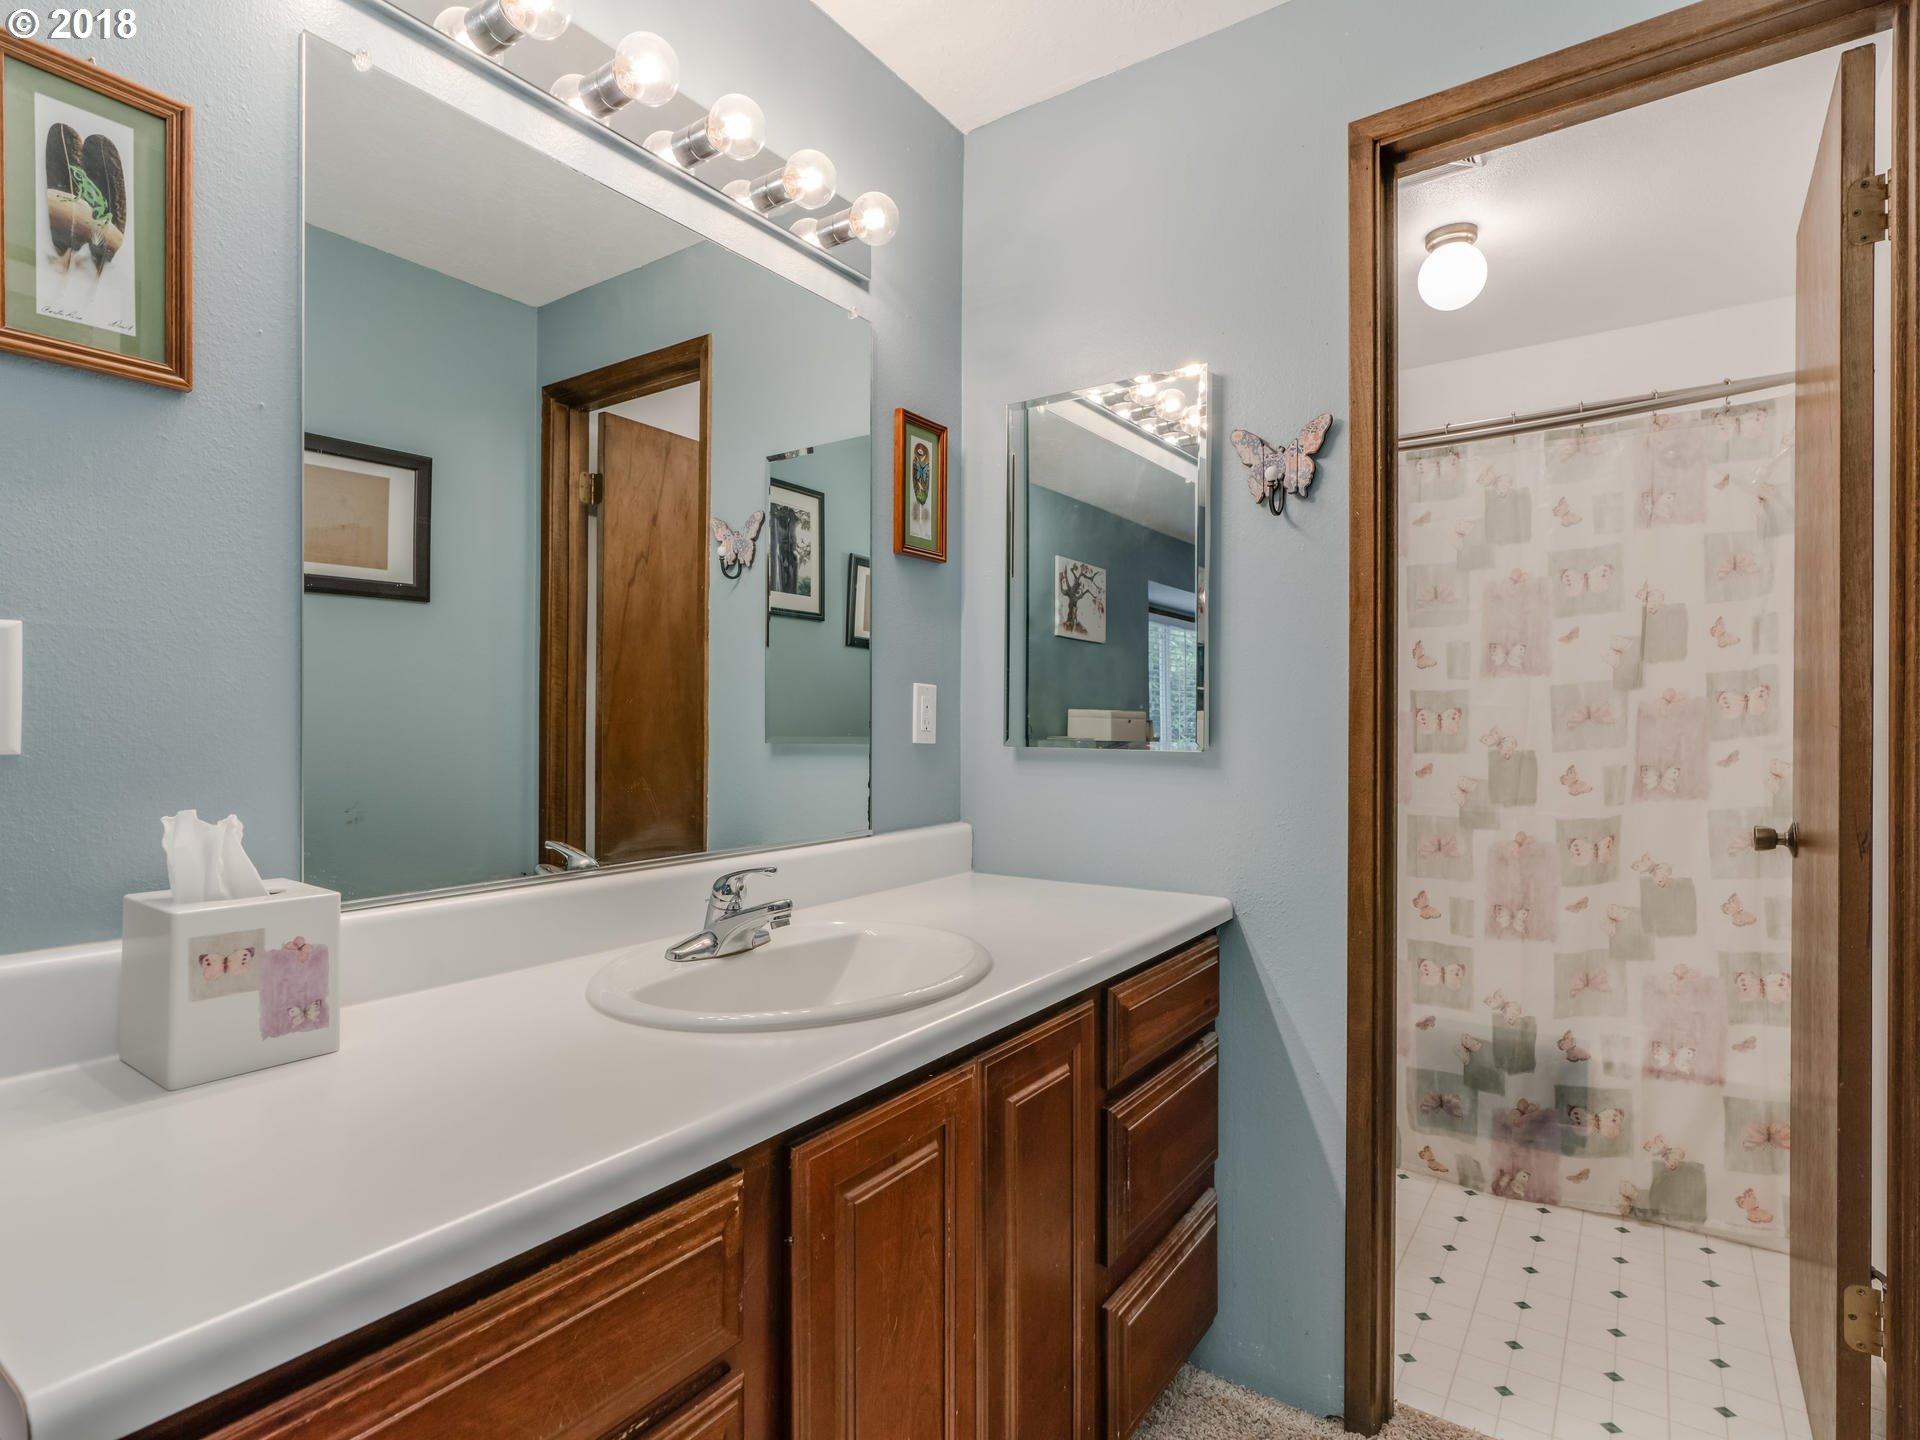 13730 SW BERTHOLD ST Beaverton, OR 97005 - MLS #: 18575569